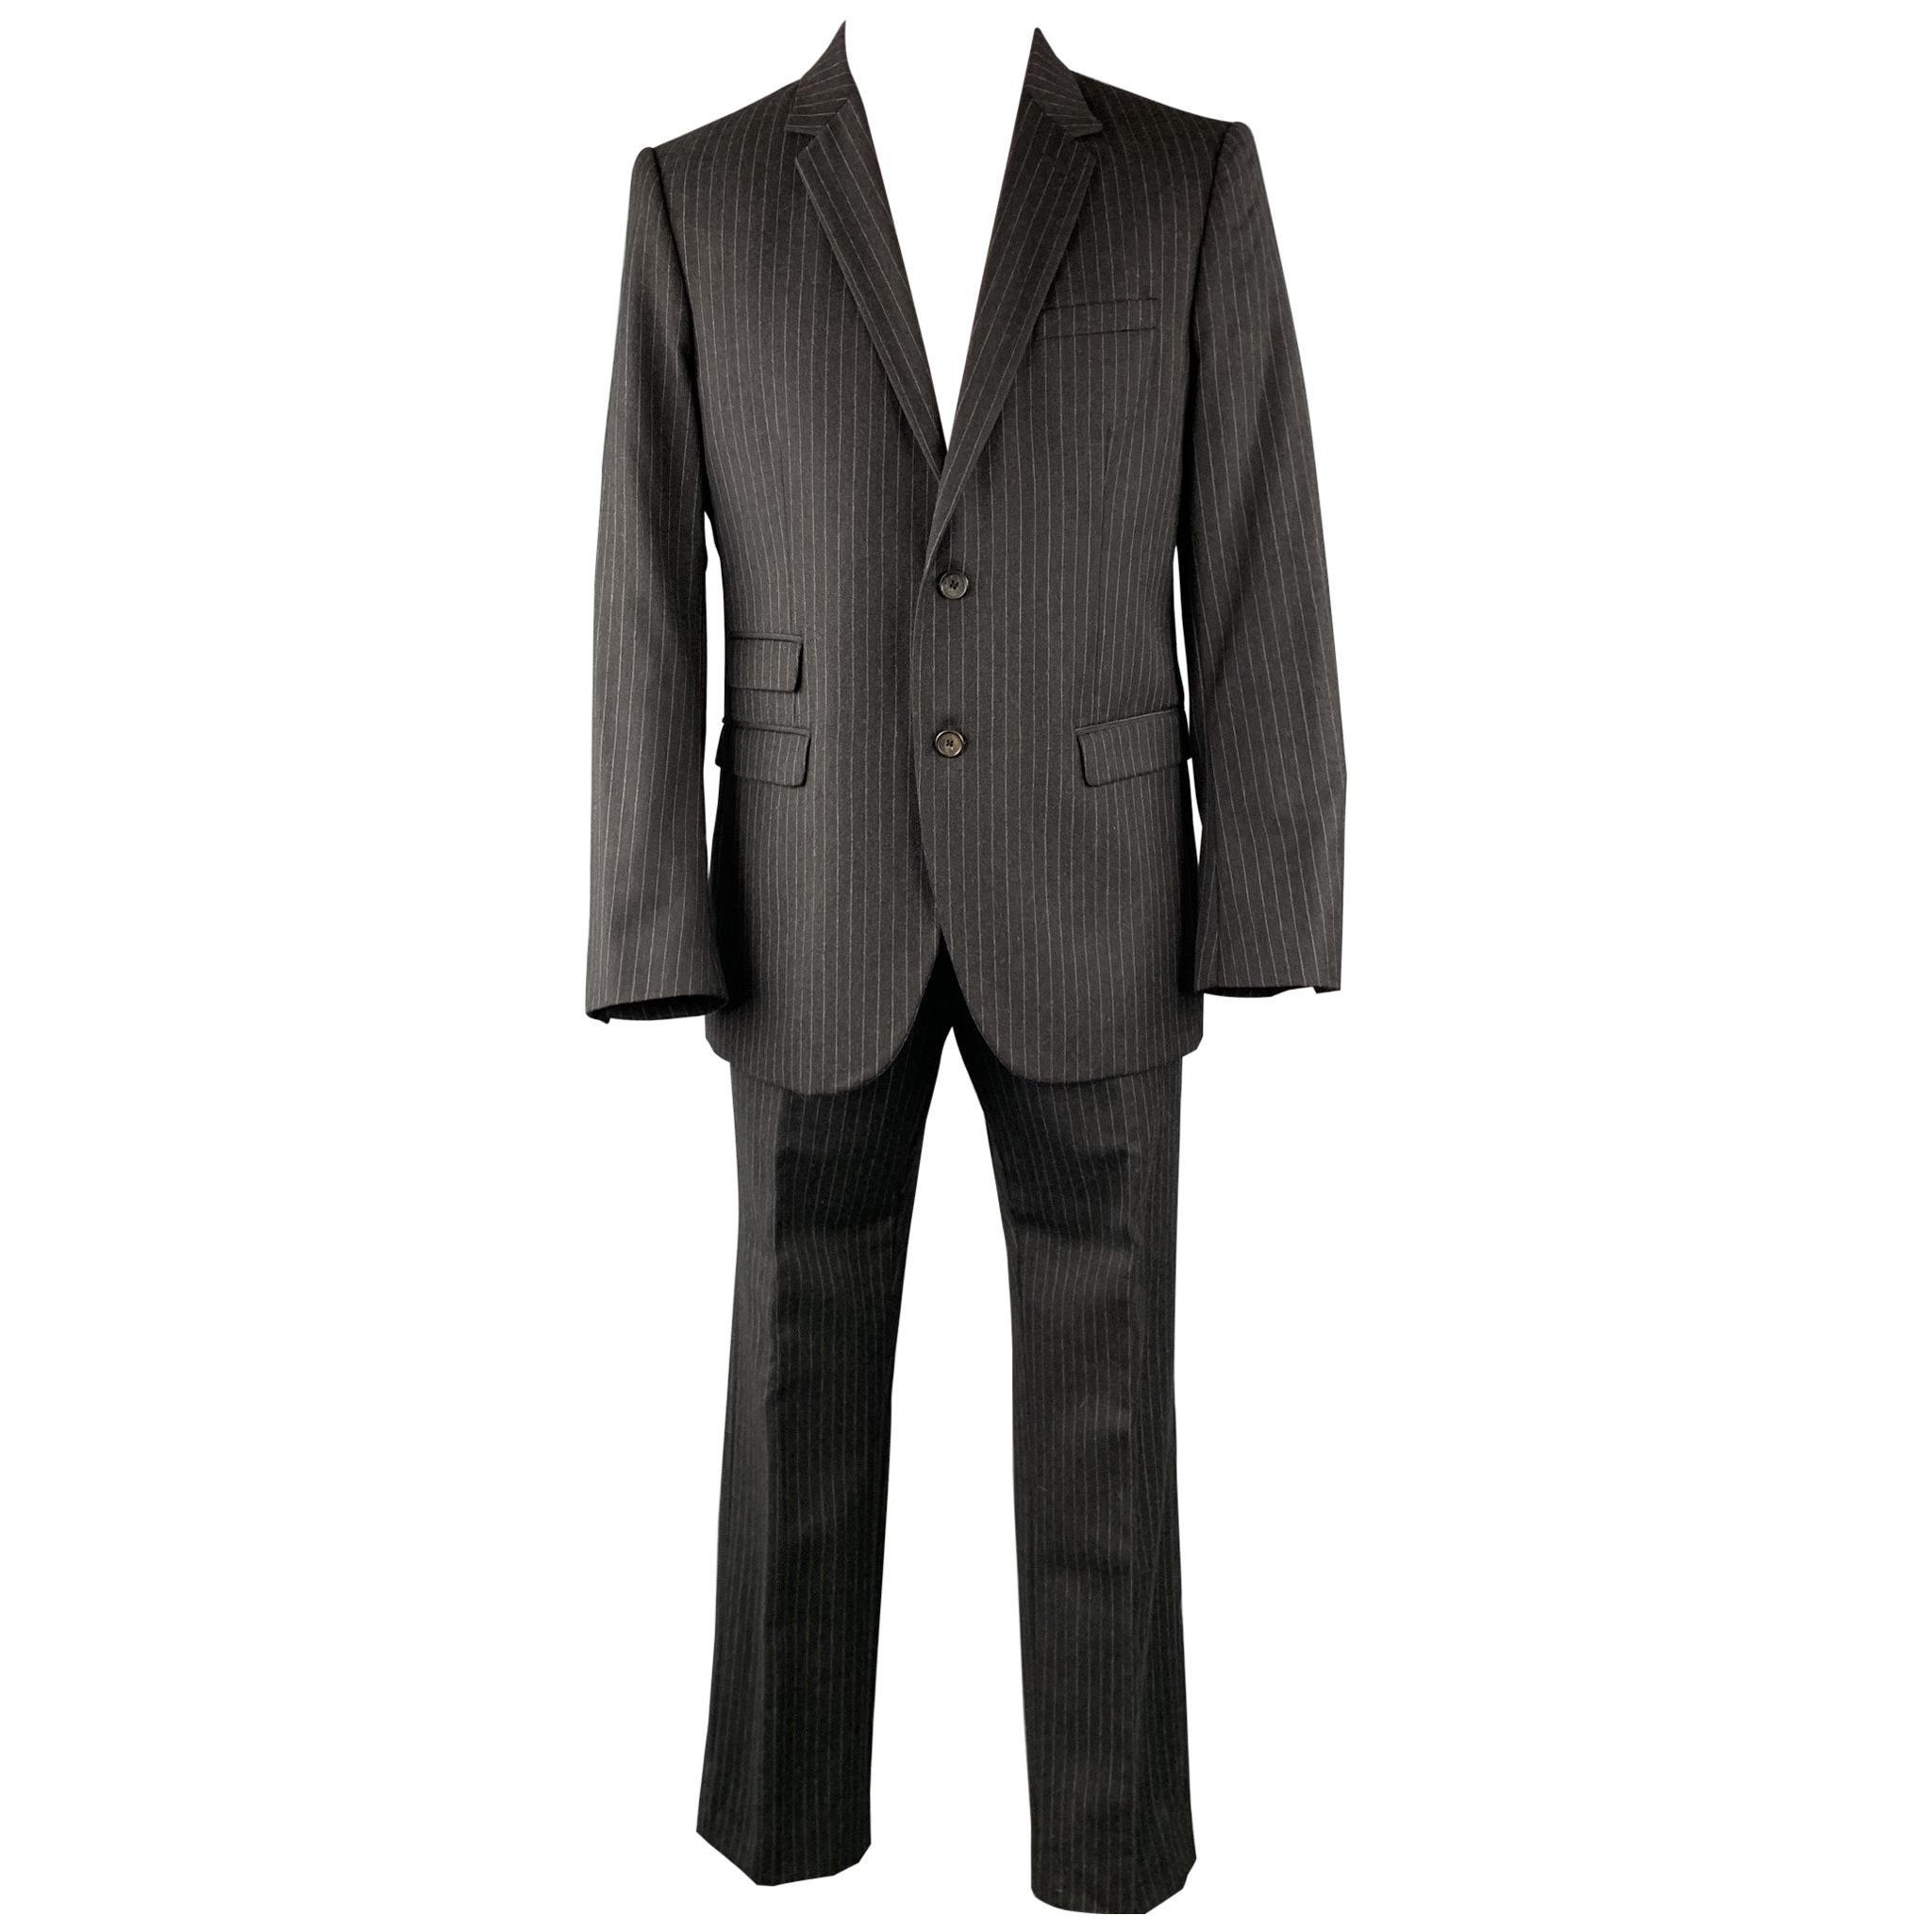 NEIL BARRETT Size 42 Regular Charcoal Stripe Wool Notch Lapel Suit